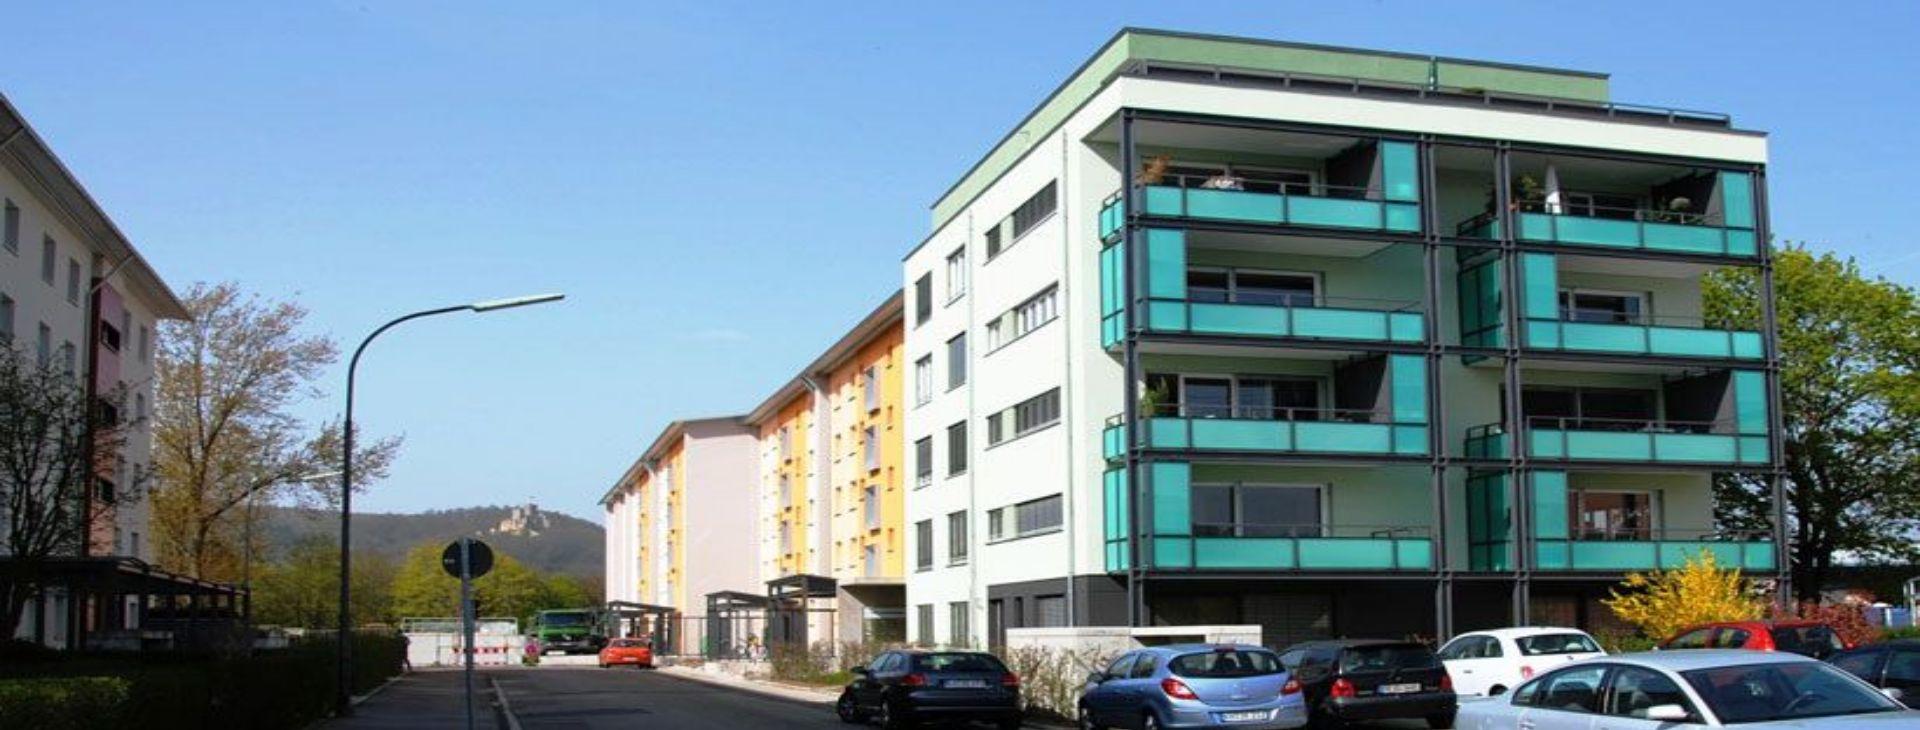 Nordstadt - Quartier Kolpingstraße